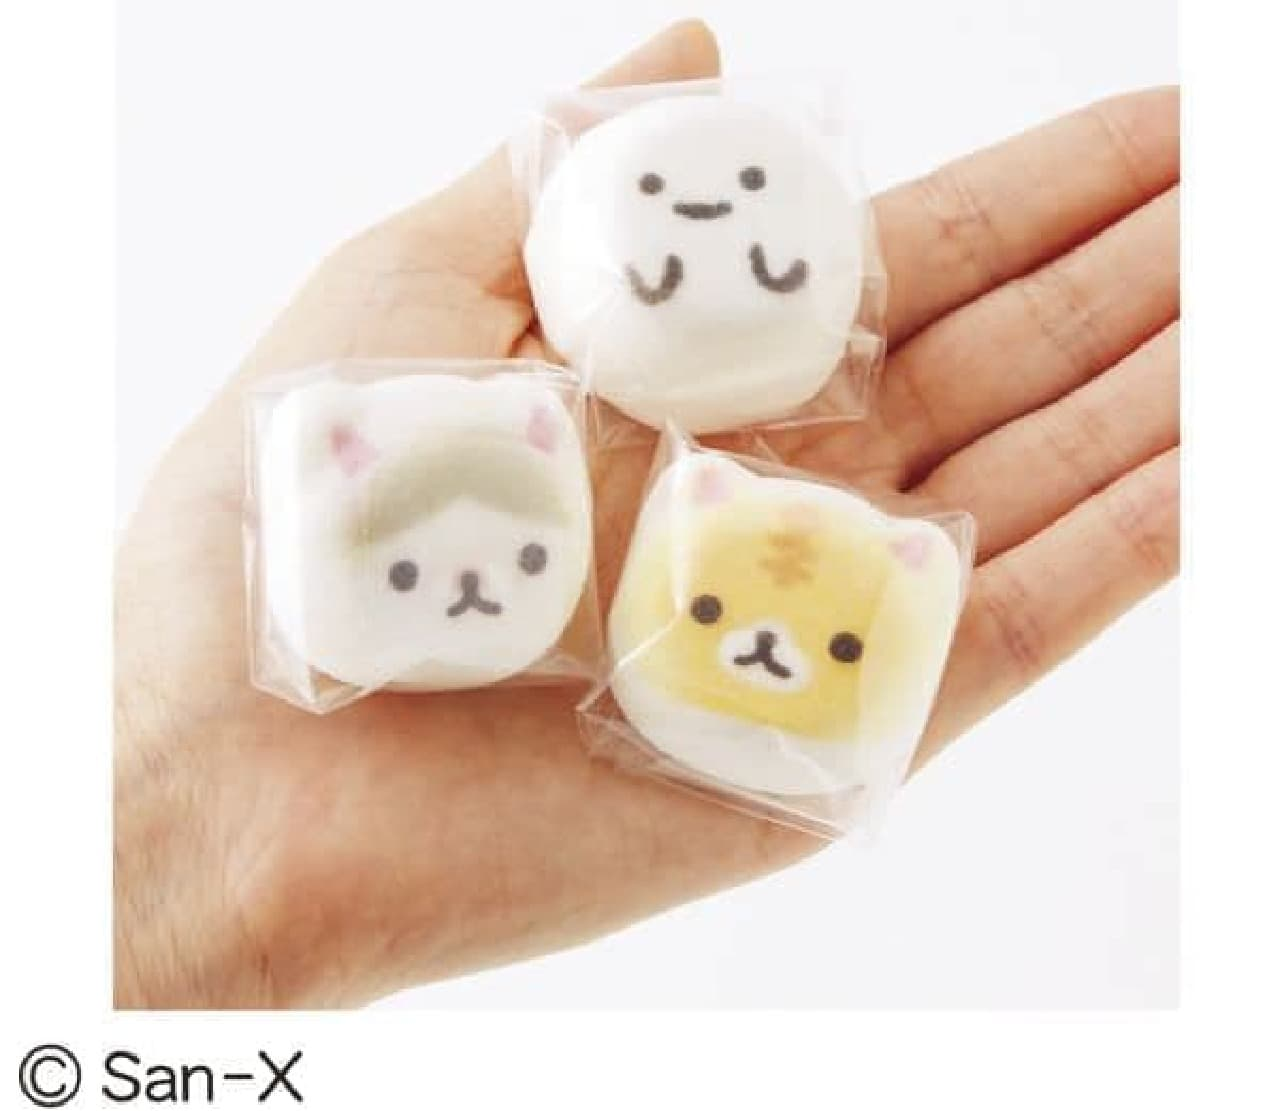 「コロニャのミニ和風ニャシュマロ〈猫ほうずい〉の会」は、卵白を寒天で固めた和菓子